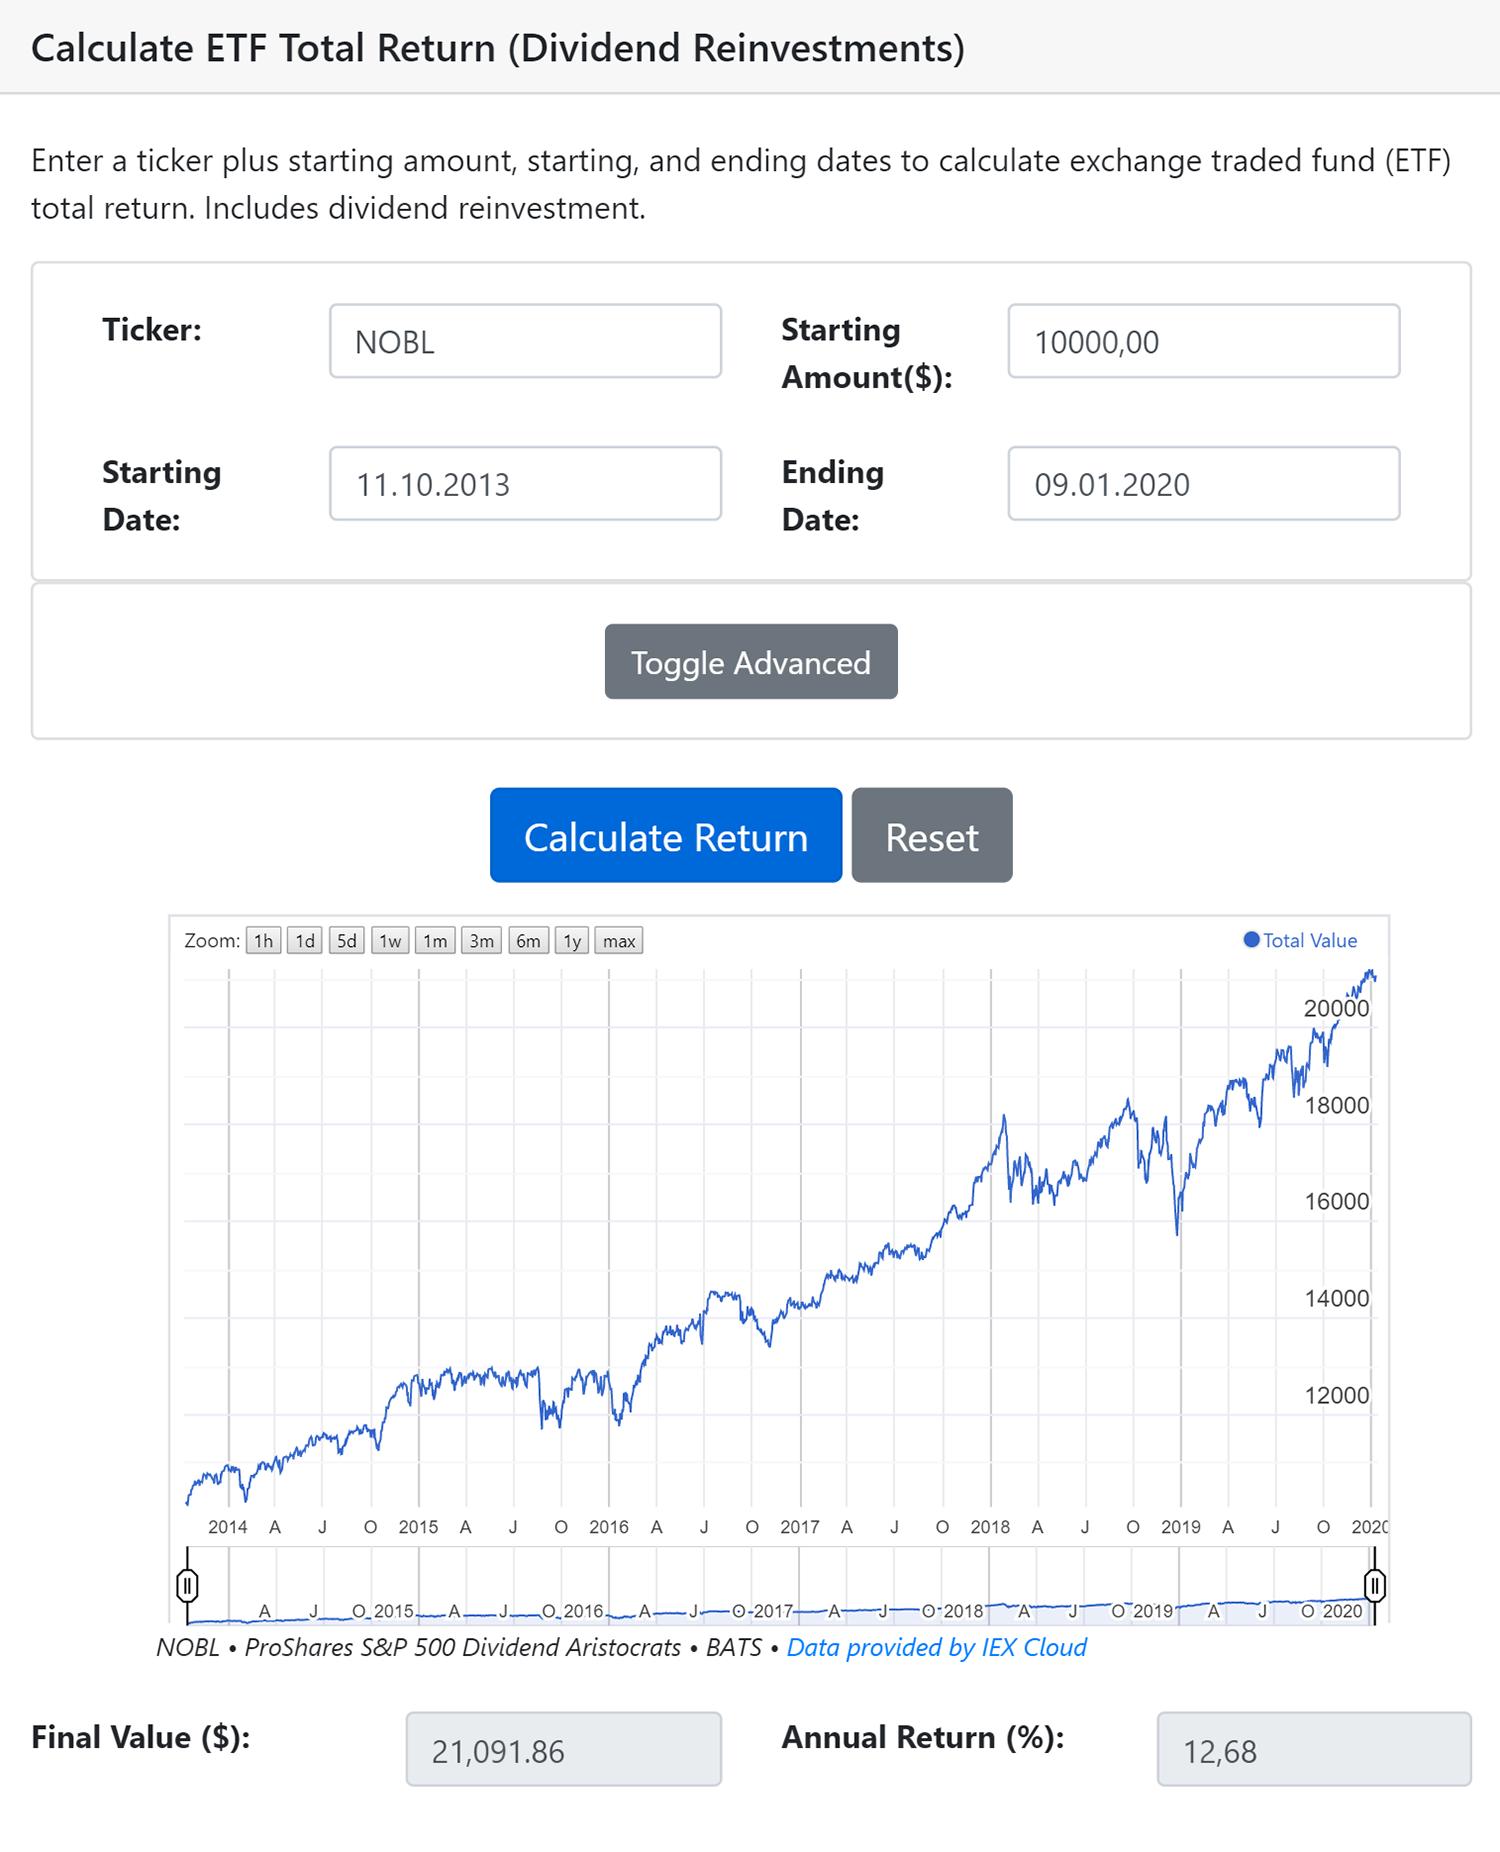 Калькулятор dqydj сообщает, что с 11 октября 2013по 9 января 2020года 10 000$, вложенные в фонд NOBL, превратились в 21 091$. Доходность составила 12,68% годовых